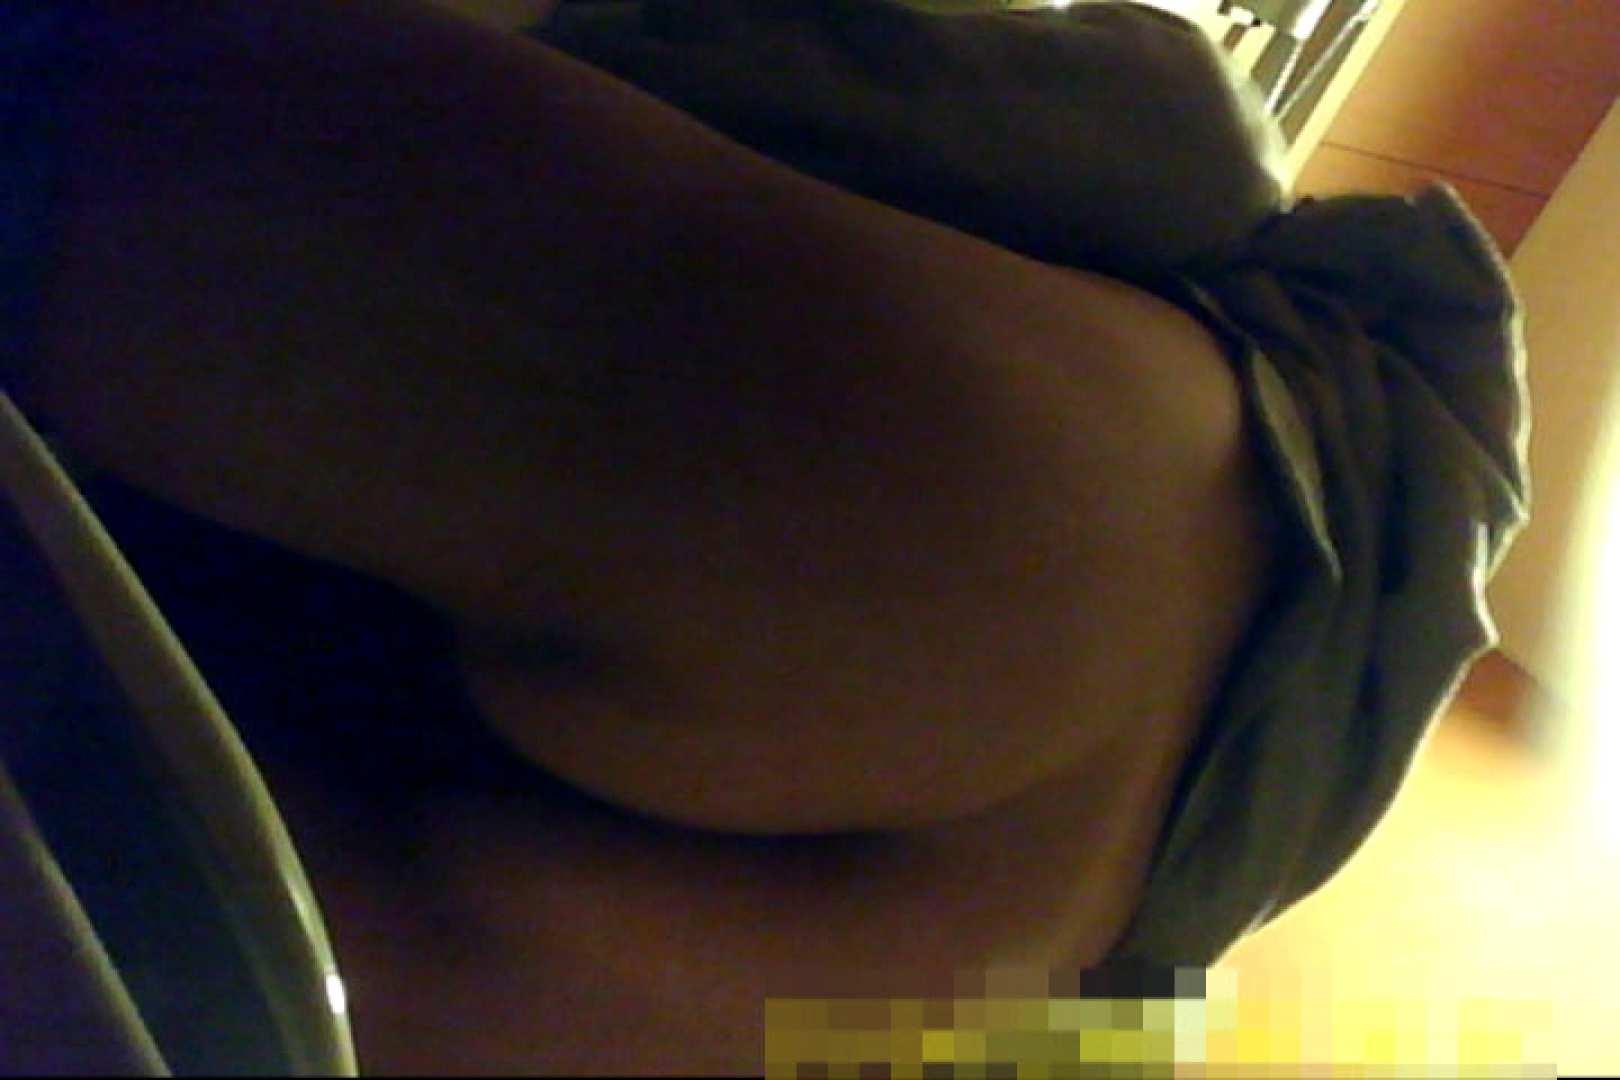 魅惑の化粧室~禁断のプライベート空間~29 独占盗撮  110連発 60